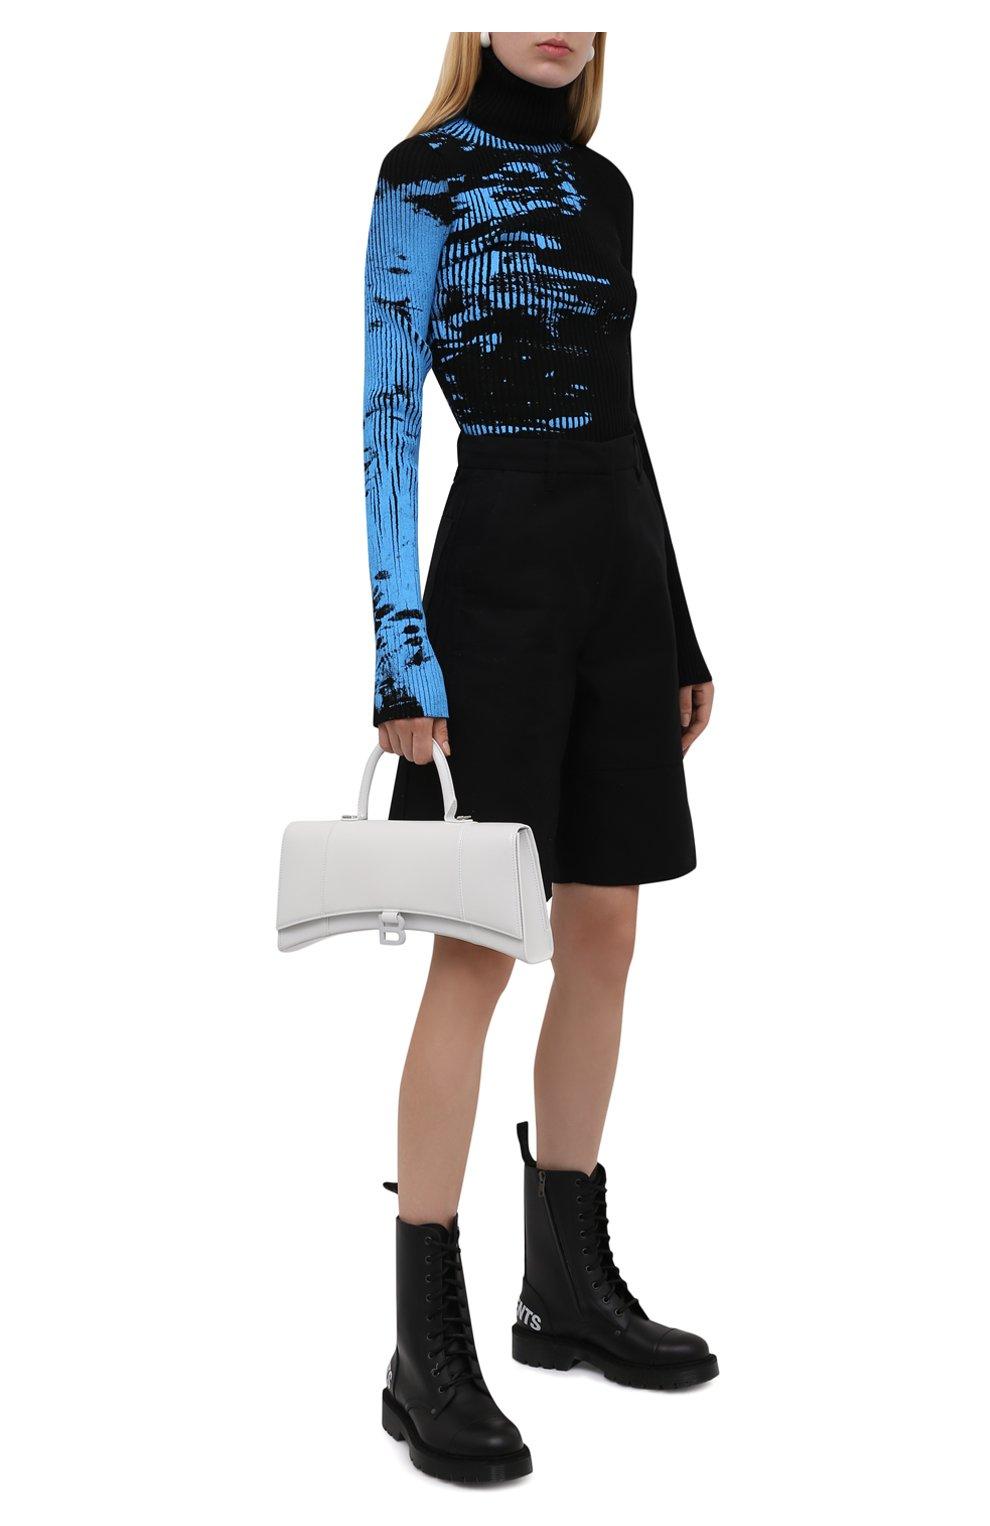 Женские кожаные ботинки VETEMENTS черно-белого цвета, арт. UA52B0200B 2414/W | Фото 2 (Подошва: Платформа; Каблук высота: Низкий; Женское Кросс-КТ: Военные ботинки; Материал внутренний: Натуральная кожа)